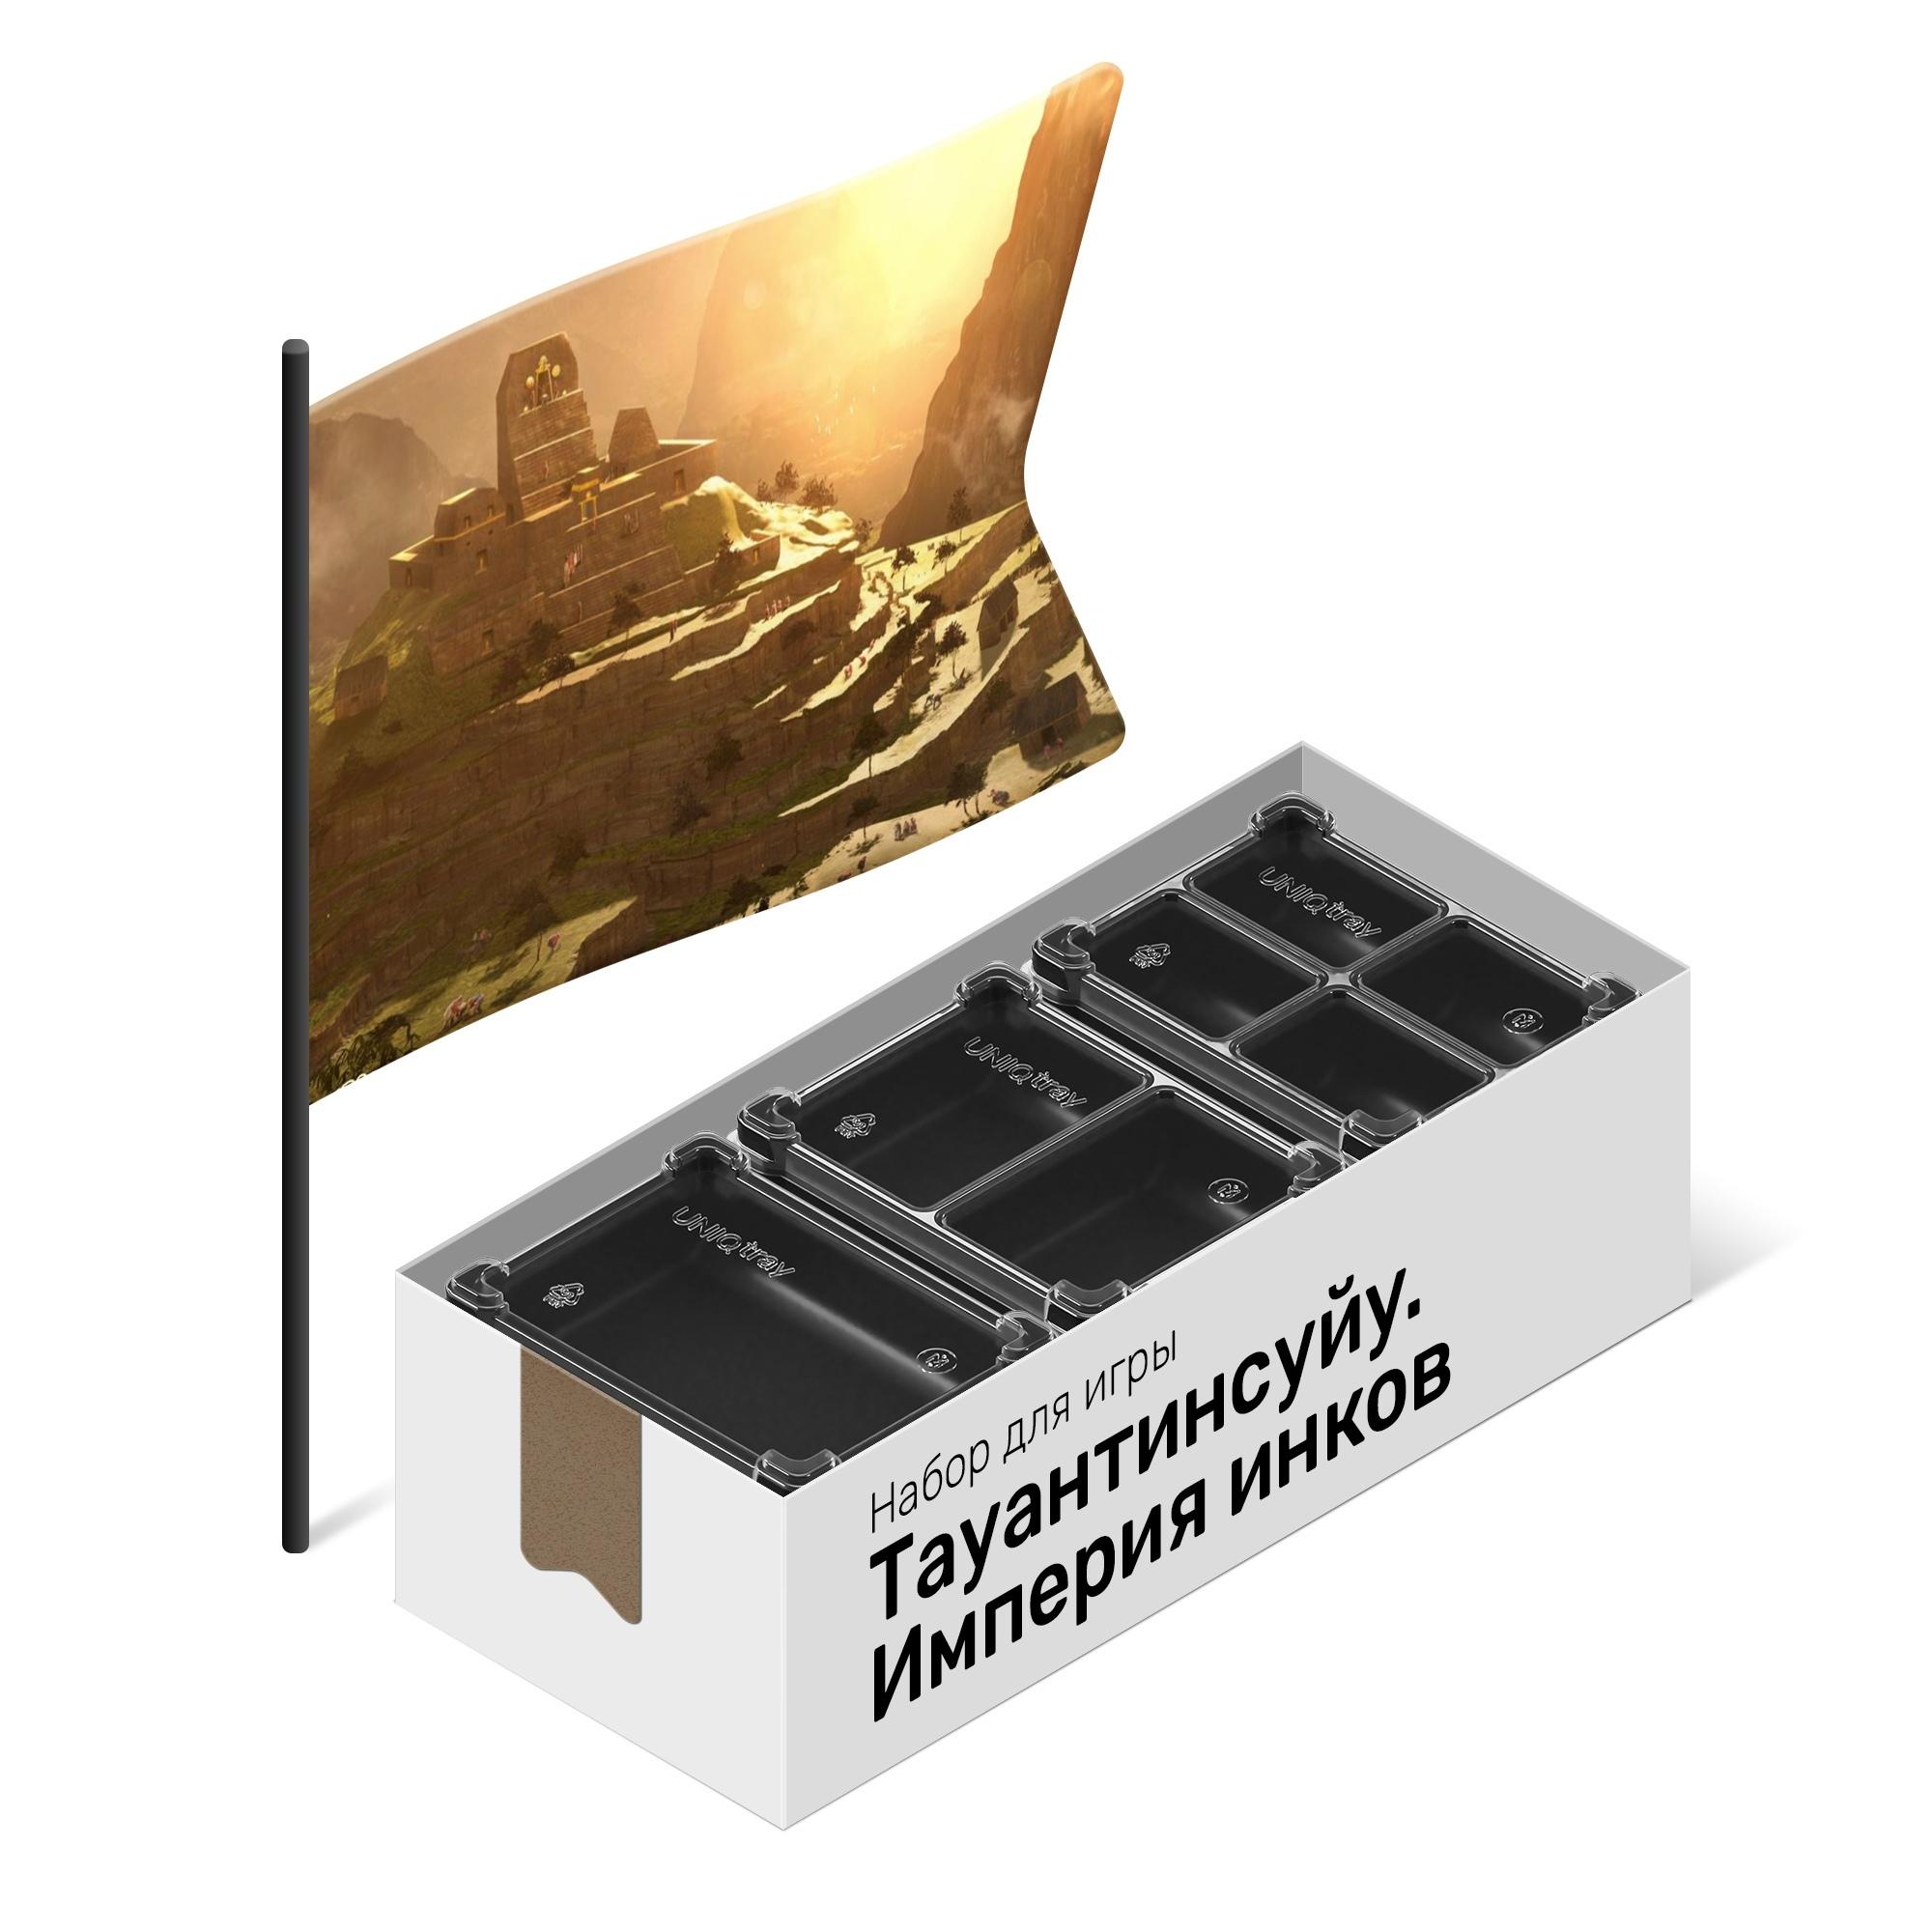 UTS-органайзер для игры «Тауантинсуйу. Империя инков»